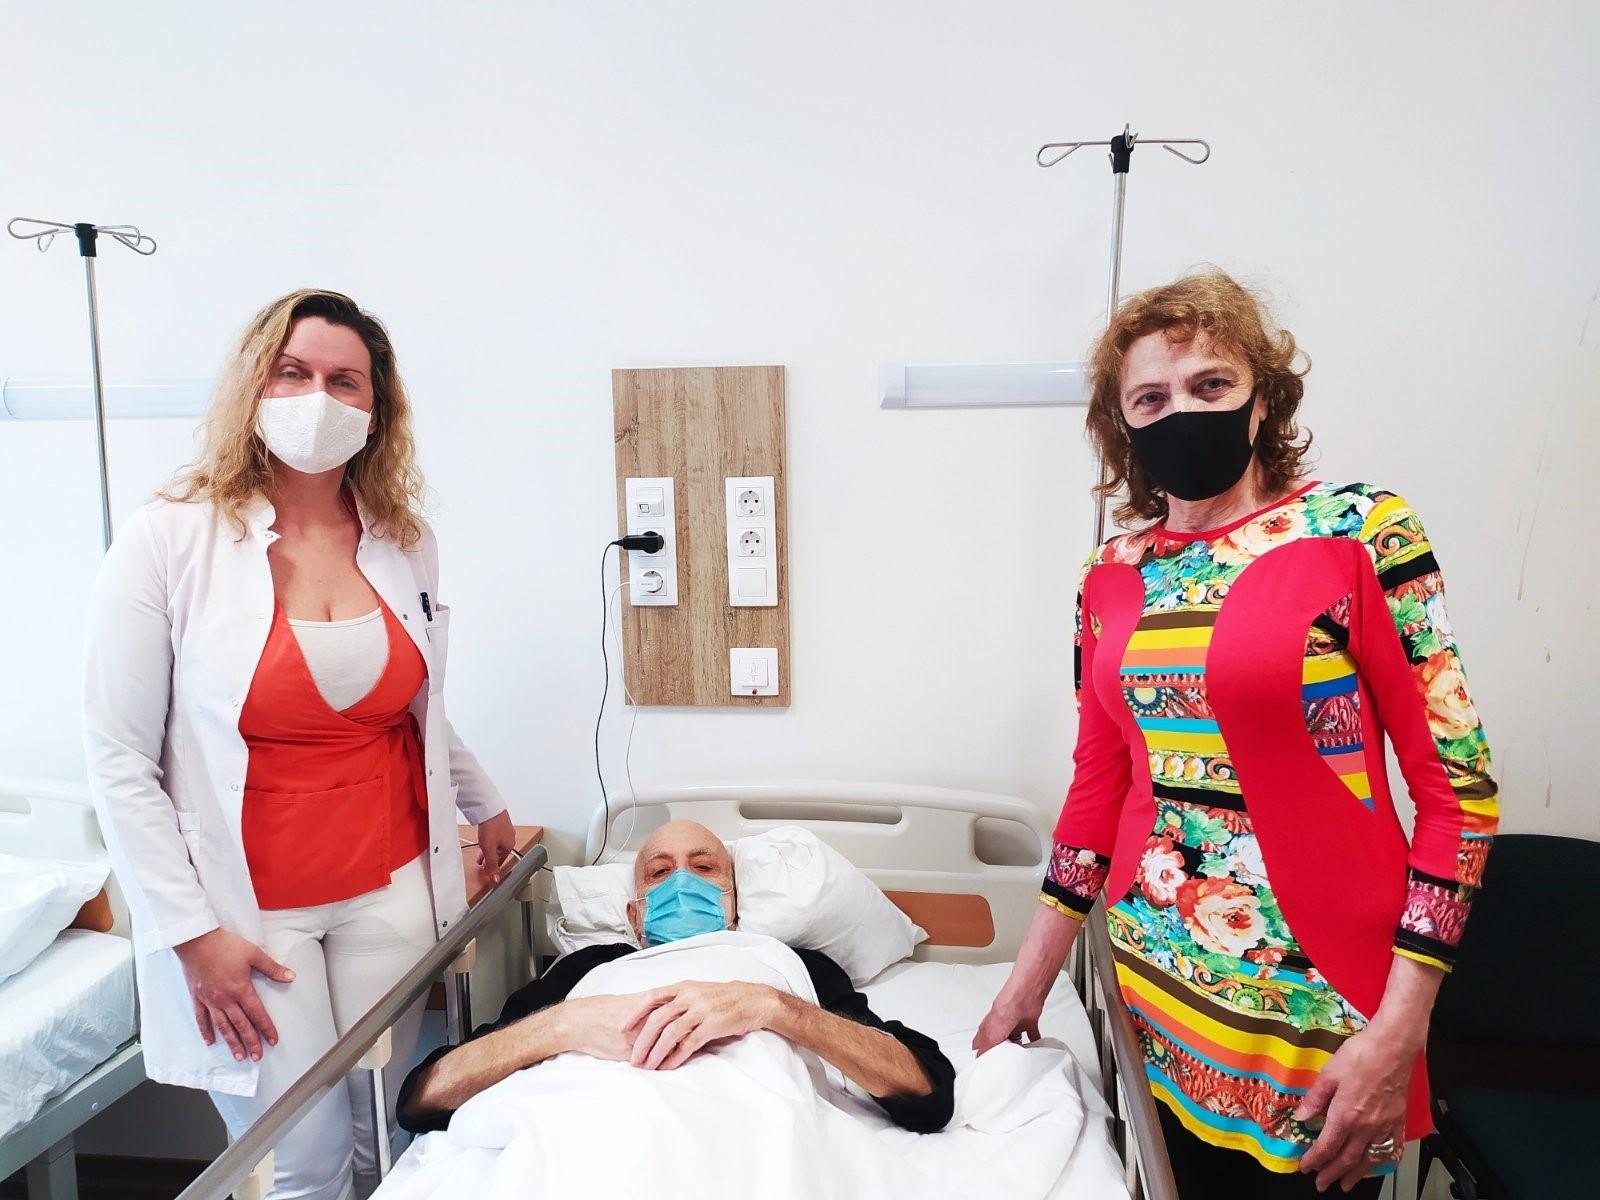 Бърза реакция, сериозен опит, екипна симбиоза, свръхмодерна медицинска техника – тайната на висококачественото лечение